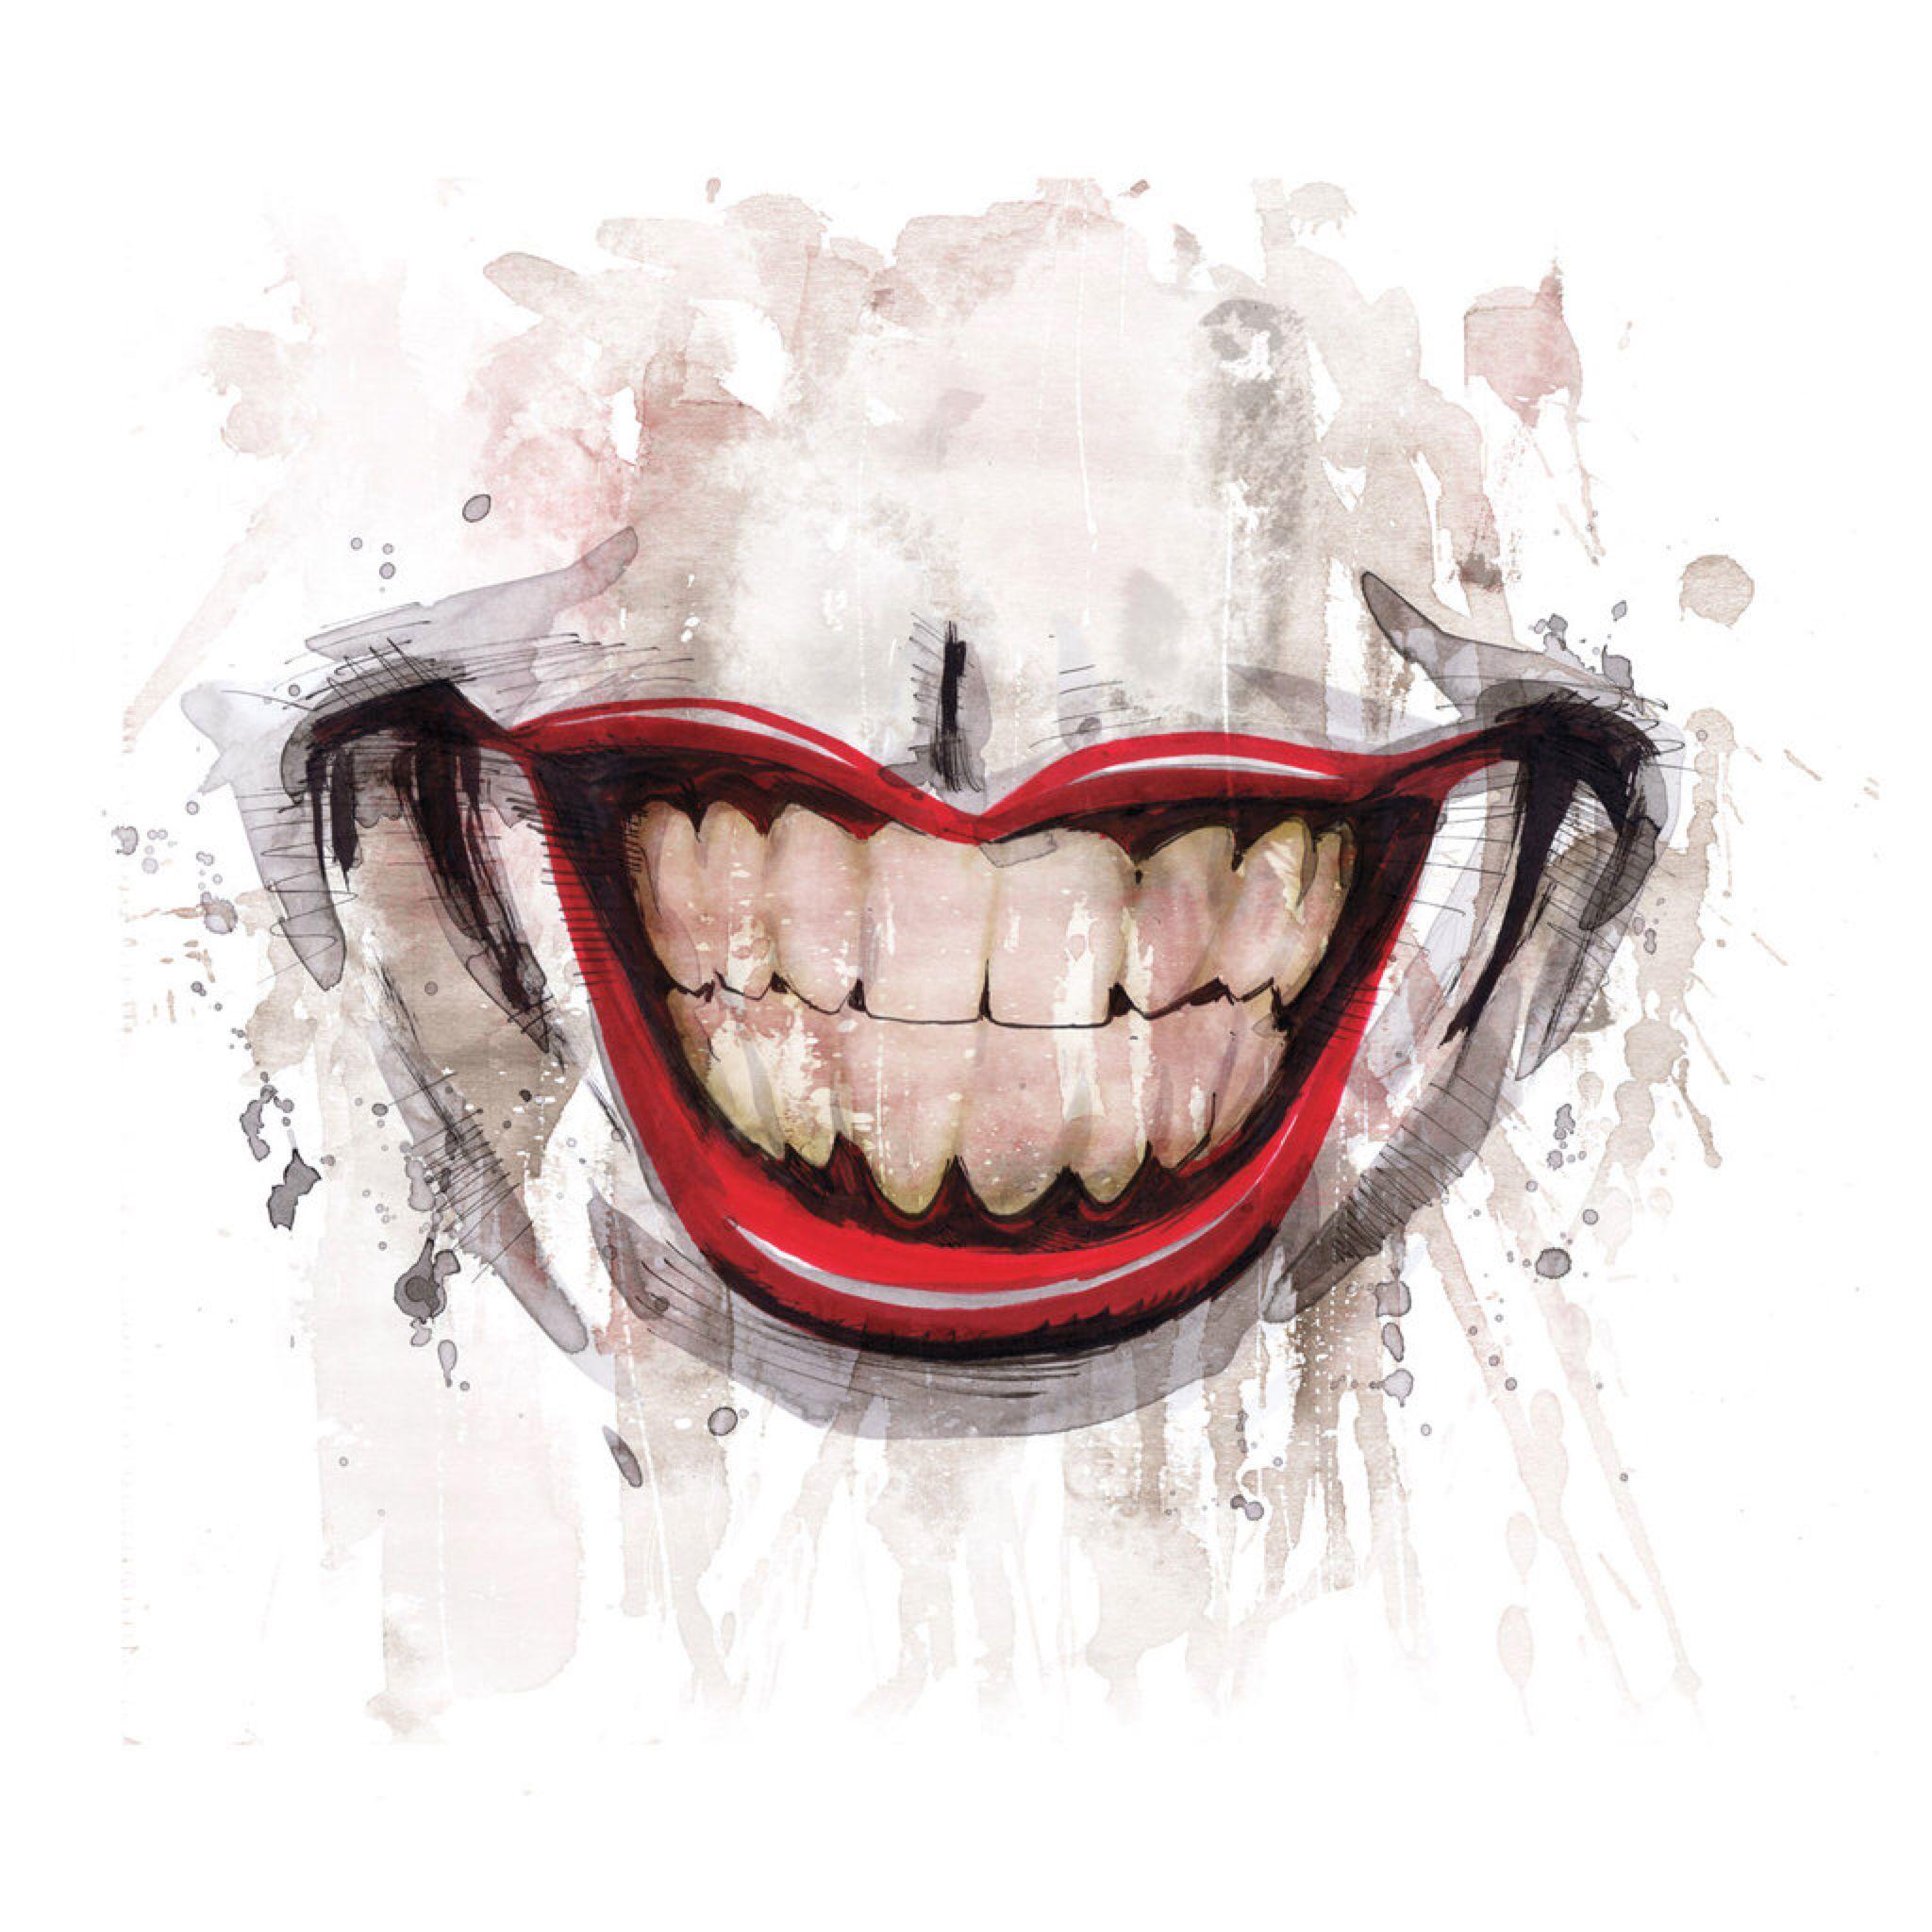 Joker Smile By Joelgomez On Deviantart Joker Smile Smile Drawing Joker Art